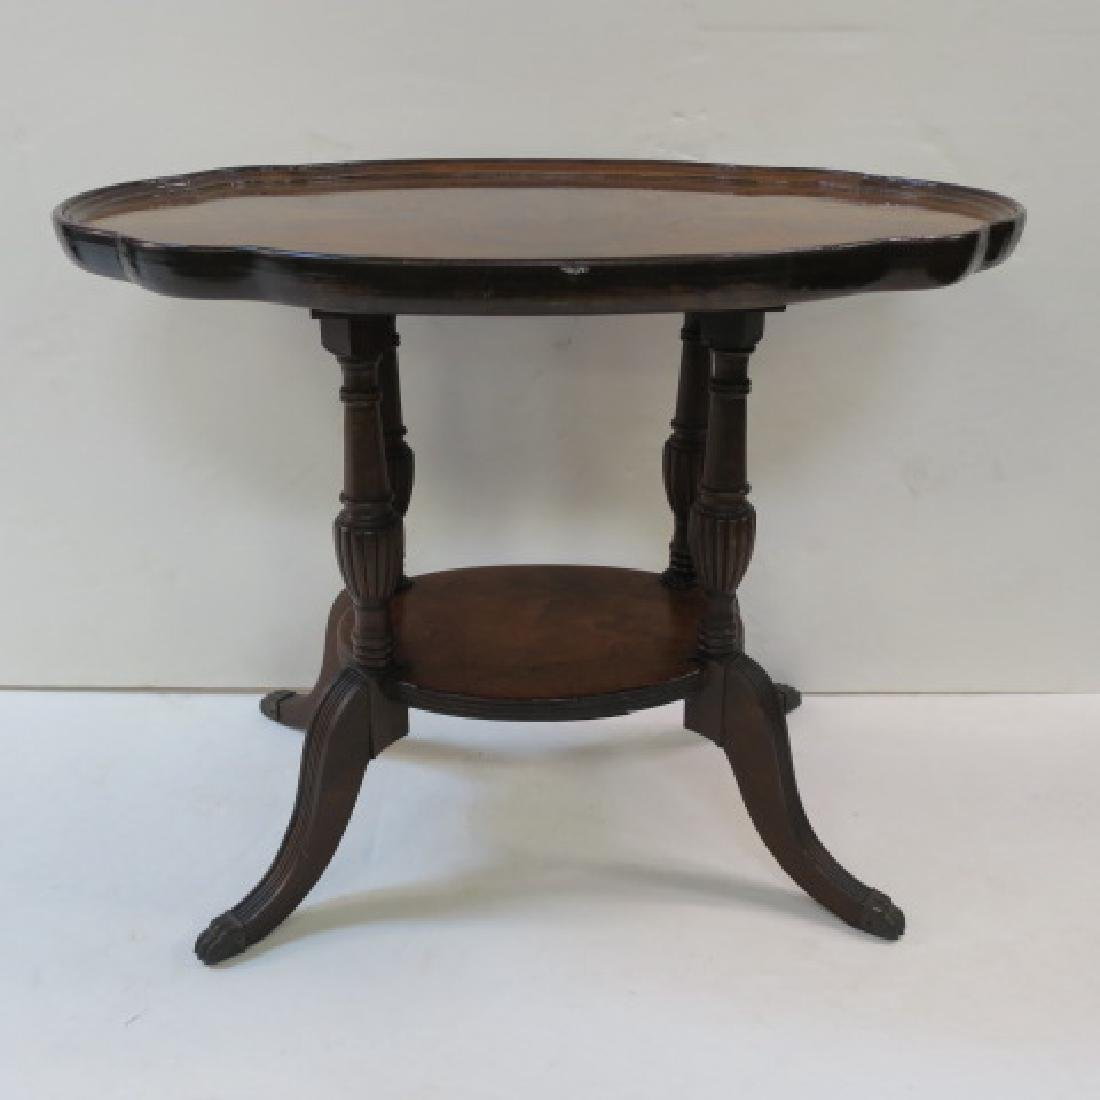 Antique Figural Mahogany Platform Table: